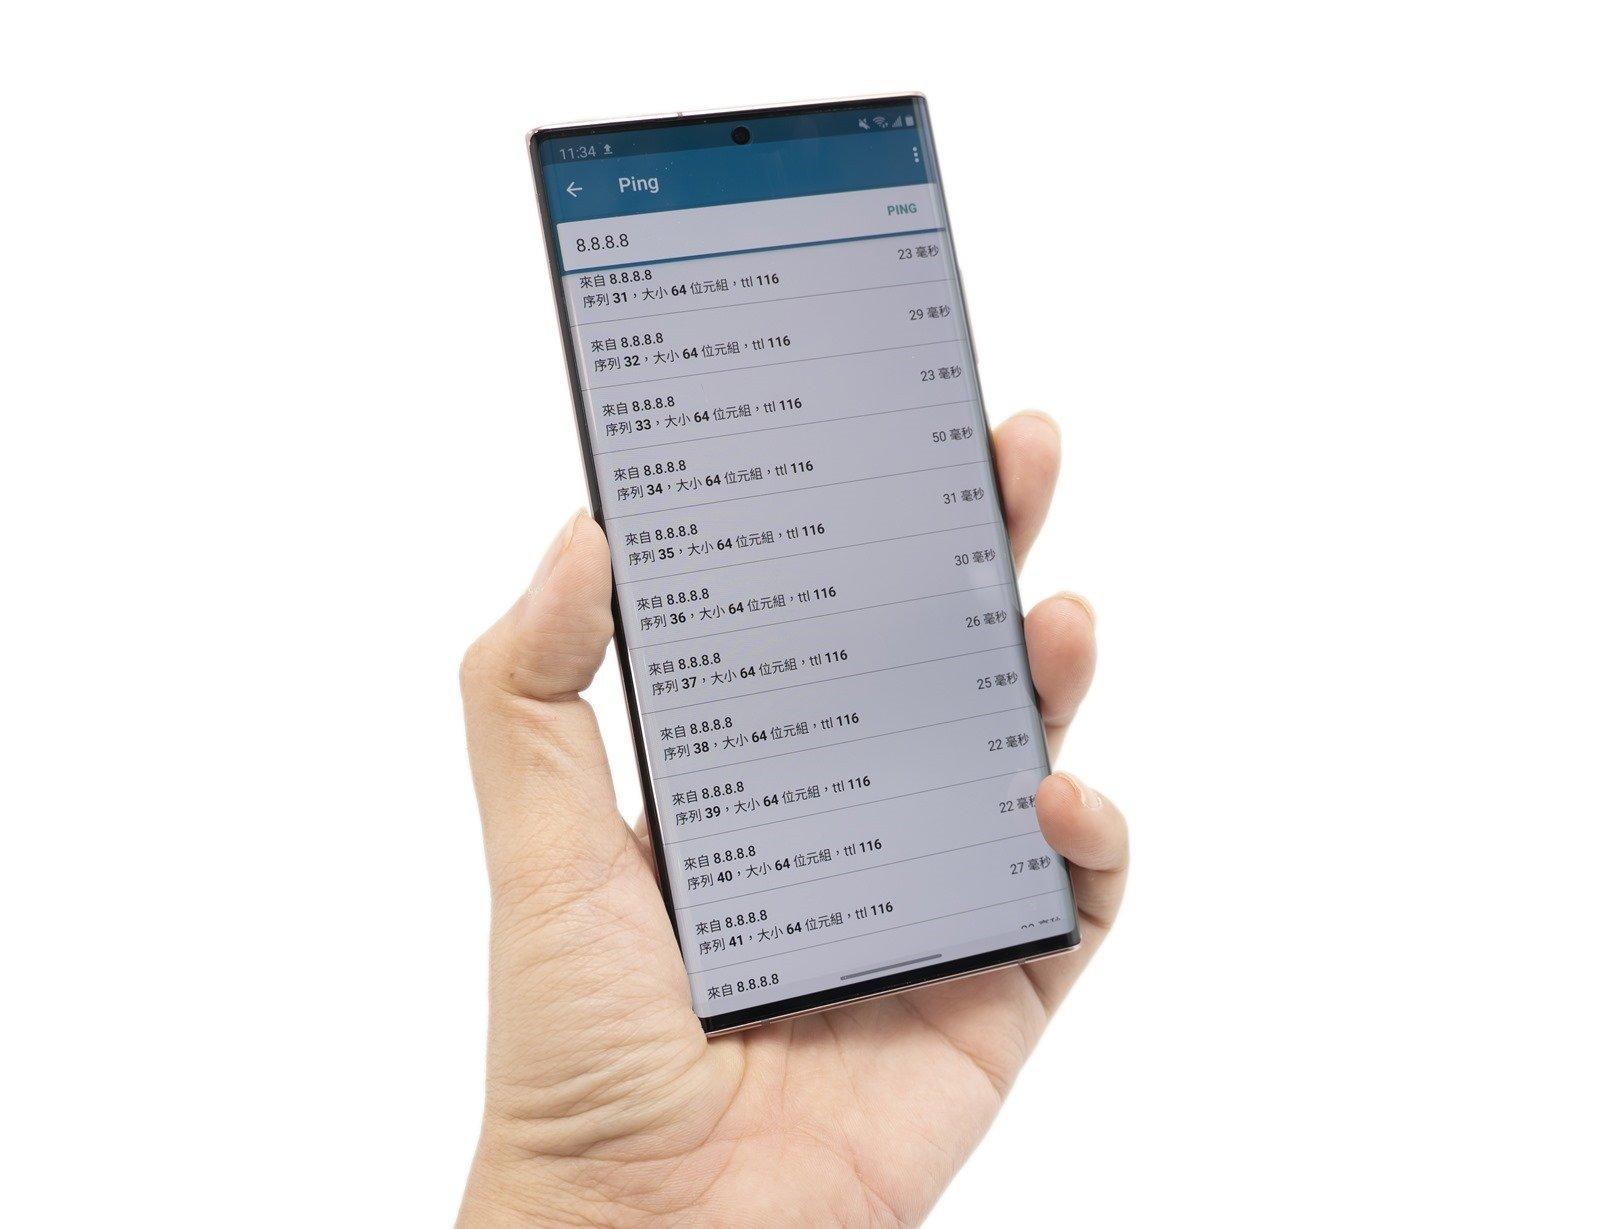 [實測] Note 20 Ultra 會不會有爆 Ping 問題?實測錄影紀錄 @3C 達人廖阿輝